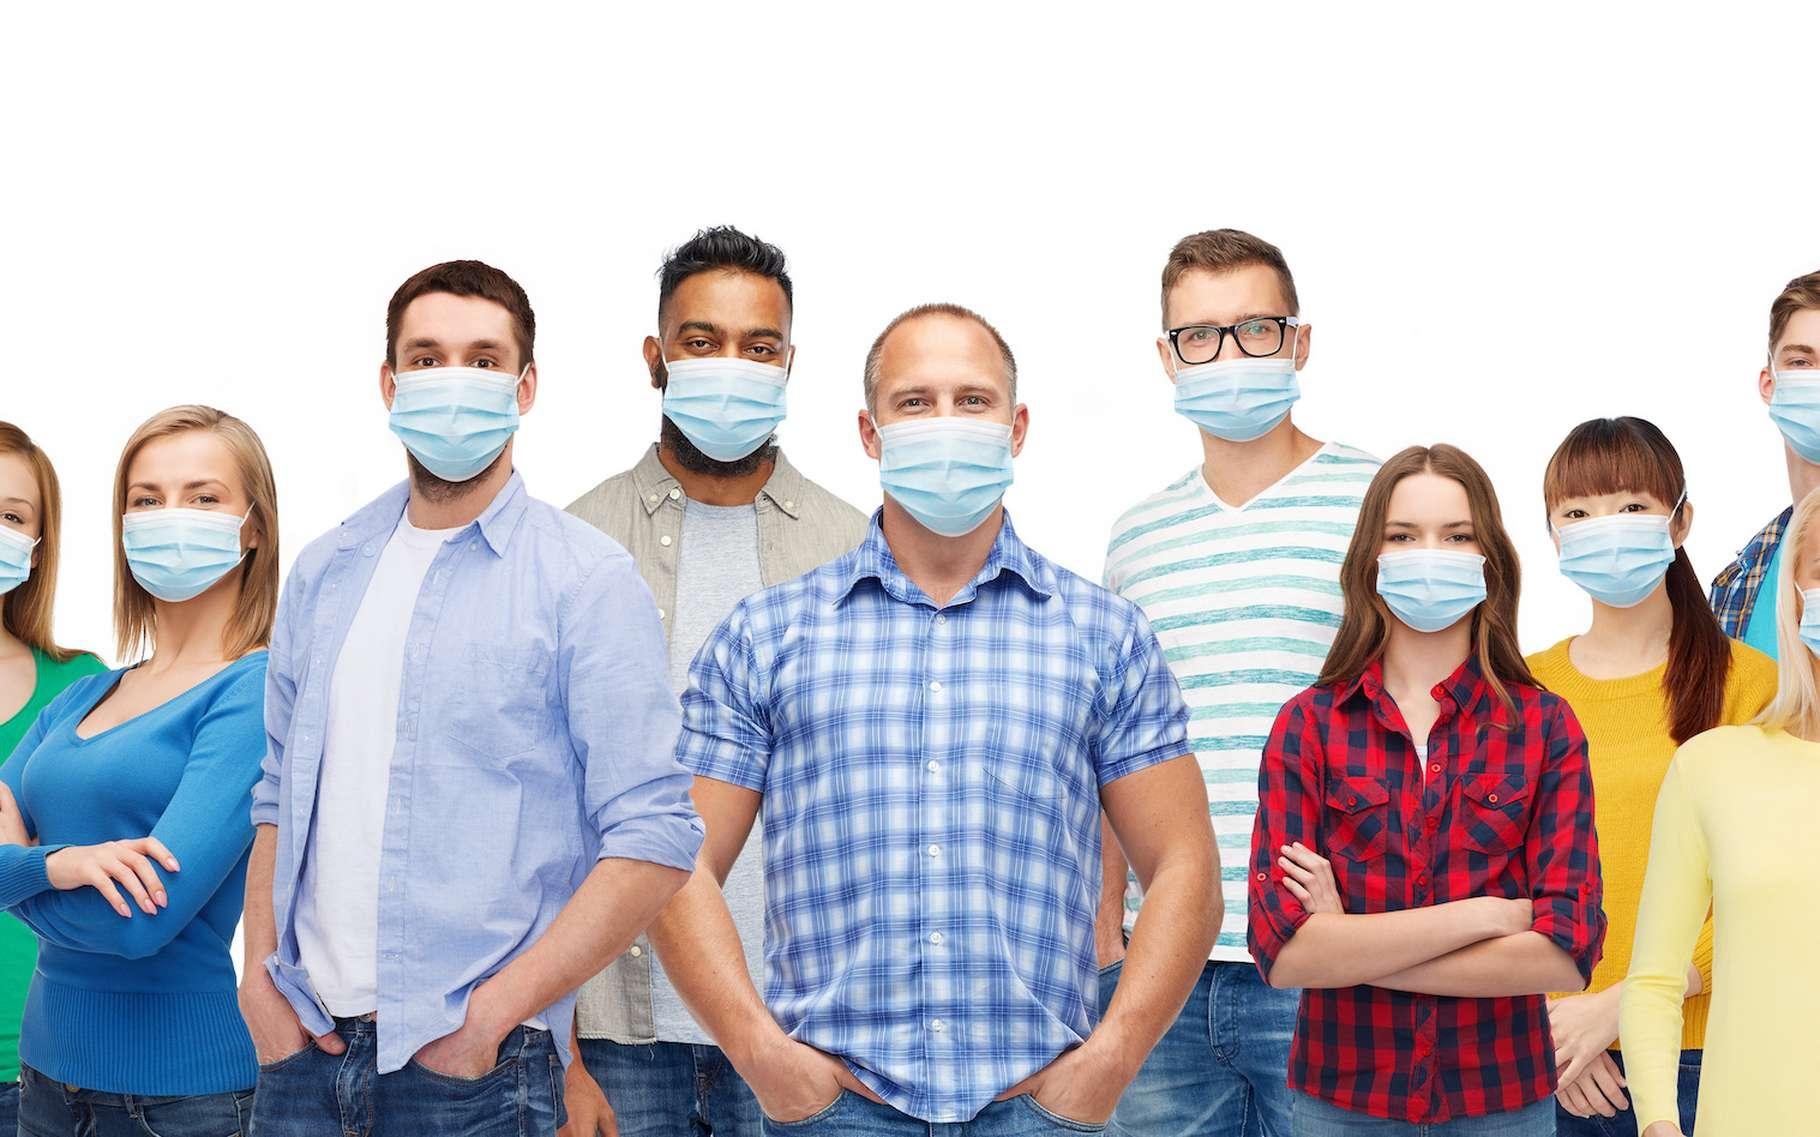 Une nouvelle étude de chercheurs de l'université de Cambridge (Royaume-Uni) conclut que le port généralisé de masques par la population - en plus des mesures de distanciation qui ne sont pas prises sur cette illustration - peut permettre de stopper la propagation du coronavirus et éviter de nouvelles vagues significatives. © Syda Productions, Adobe Stock